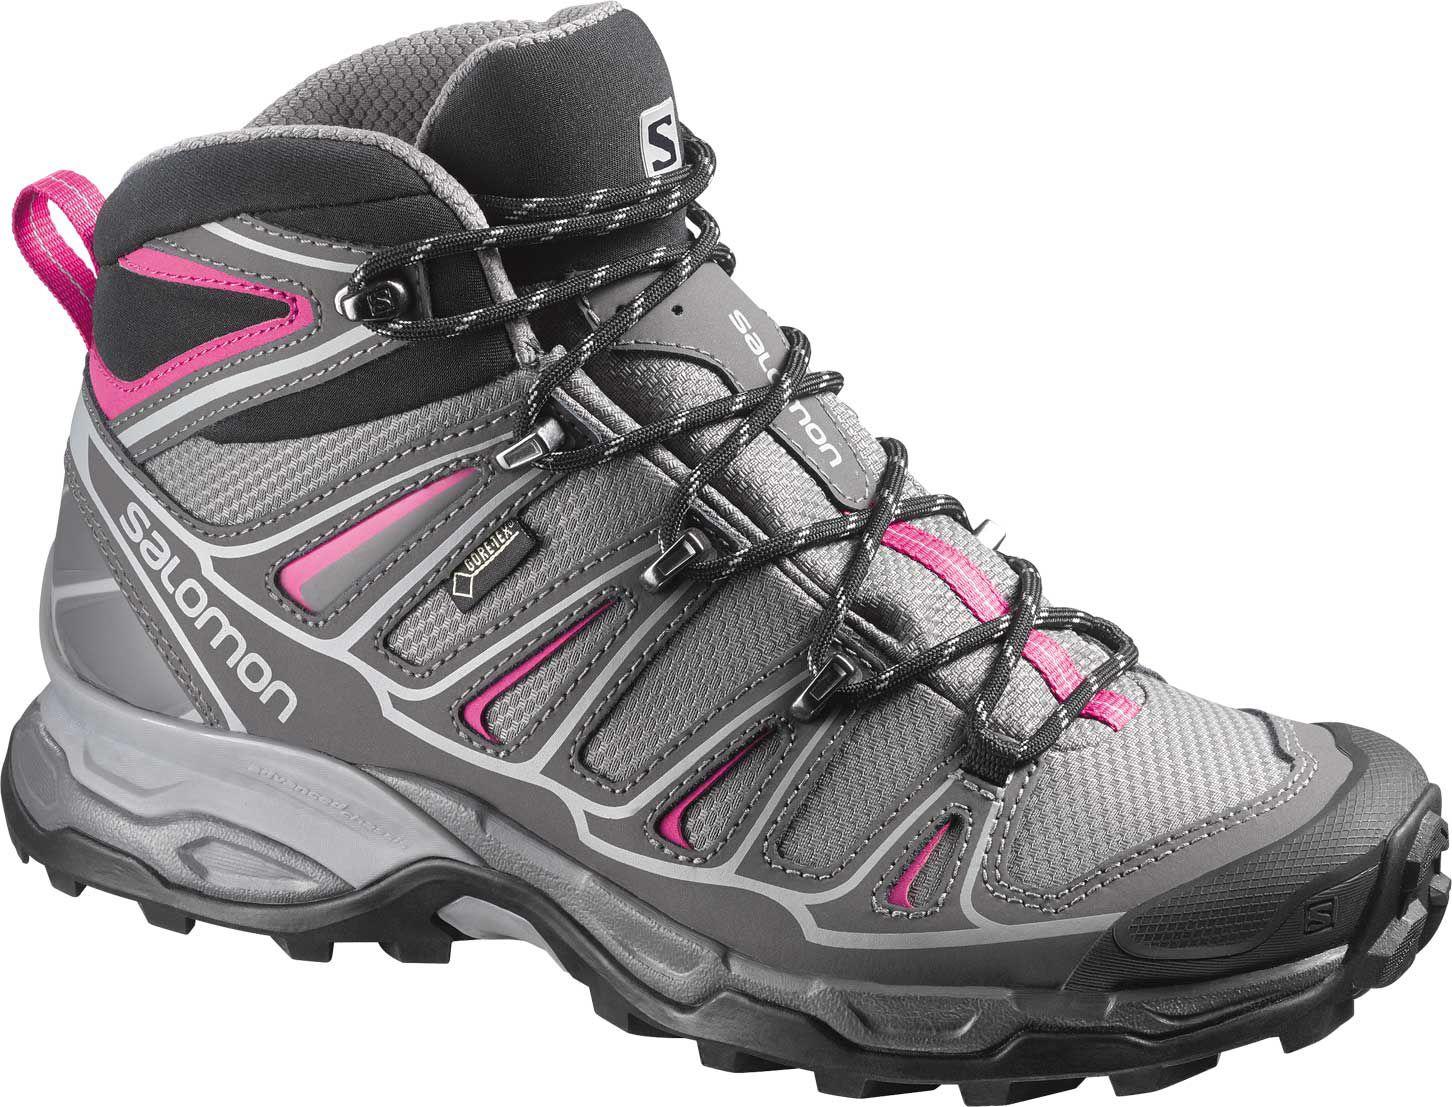 98b2eb8b55bb Salomon Women s X Ultra Mid 2 GORE-TEX Hiking Boots